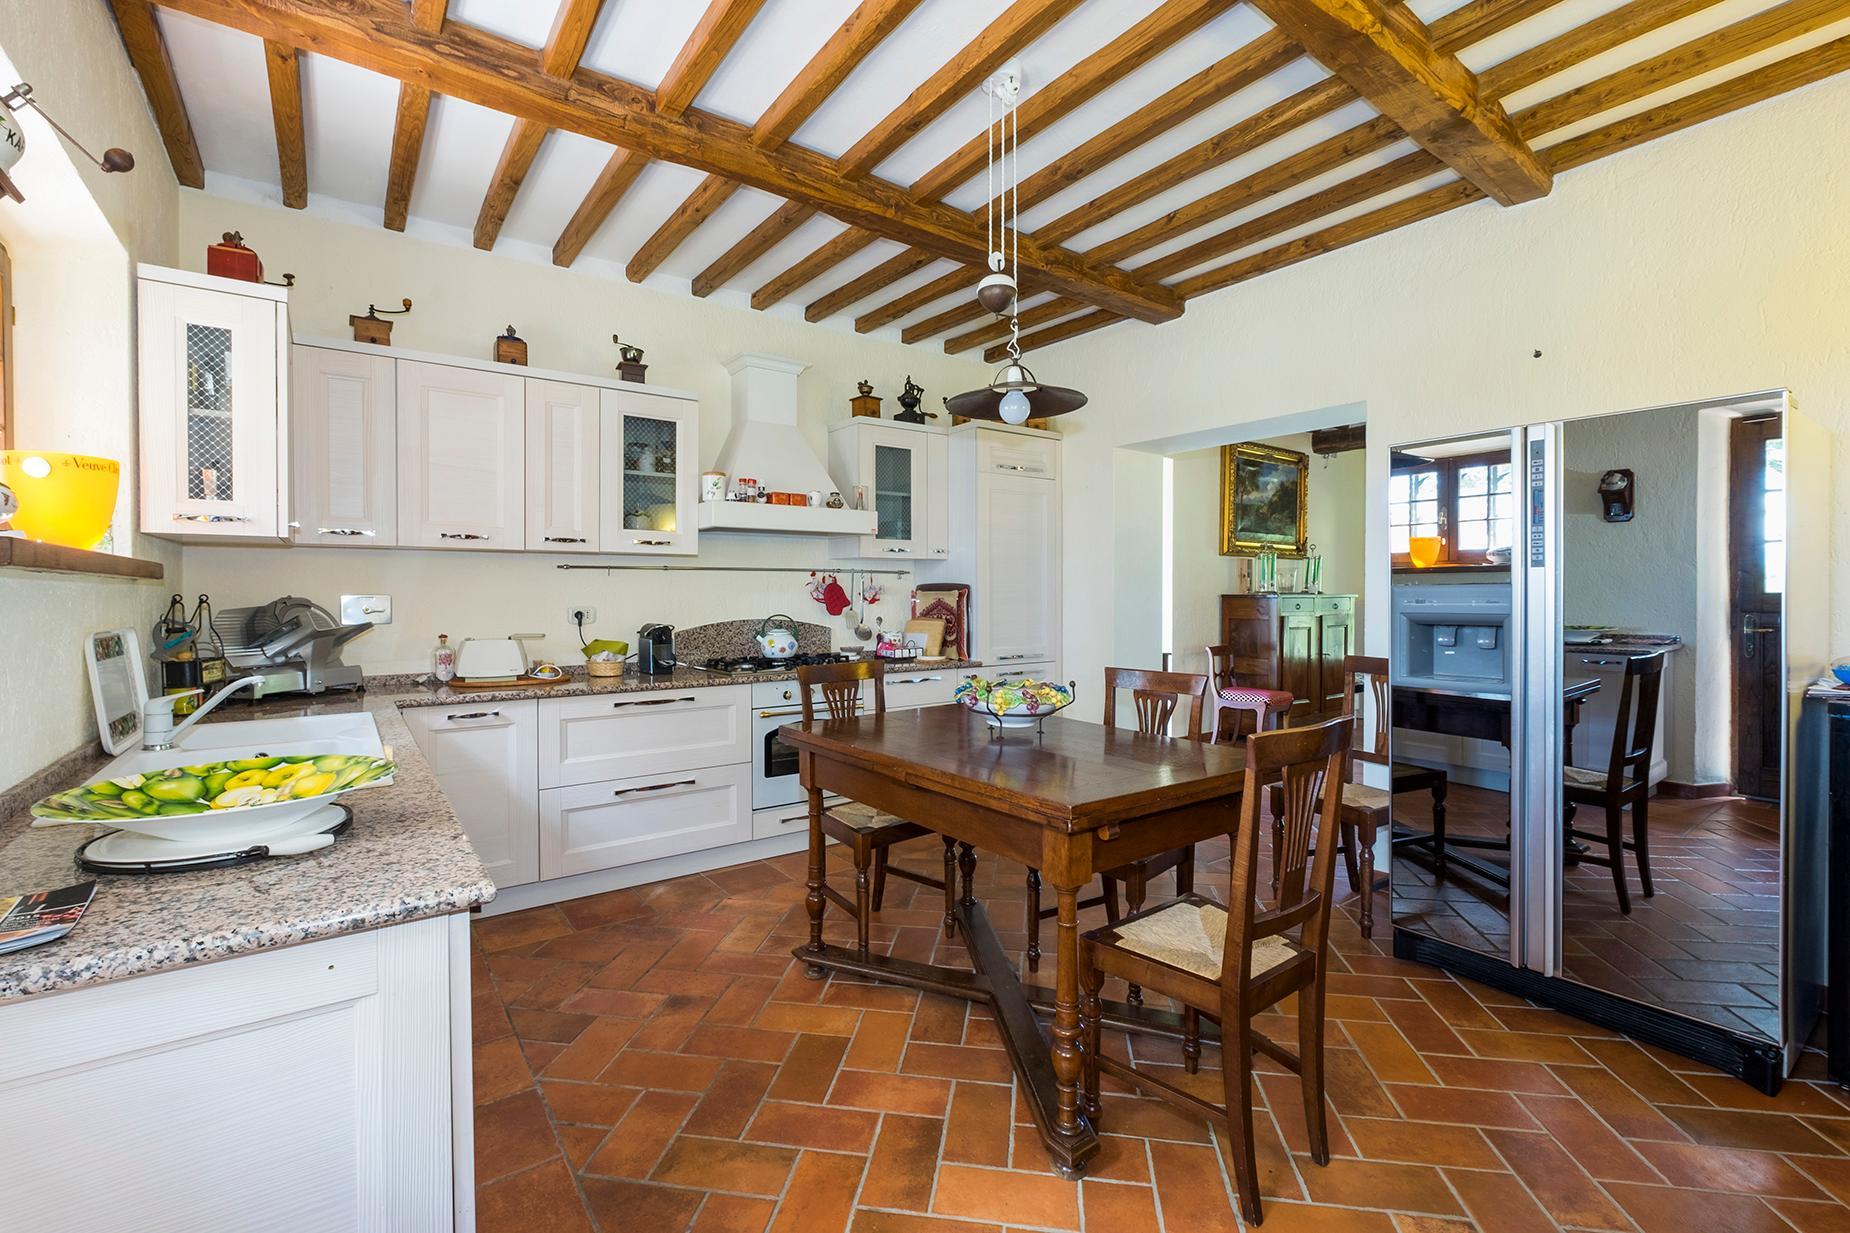 Fein restauriertes Bauernhaus auf den toskanischen Hügeln - 8